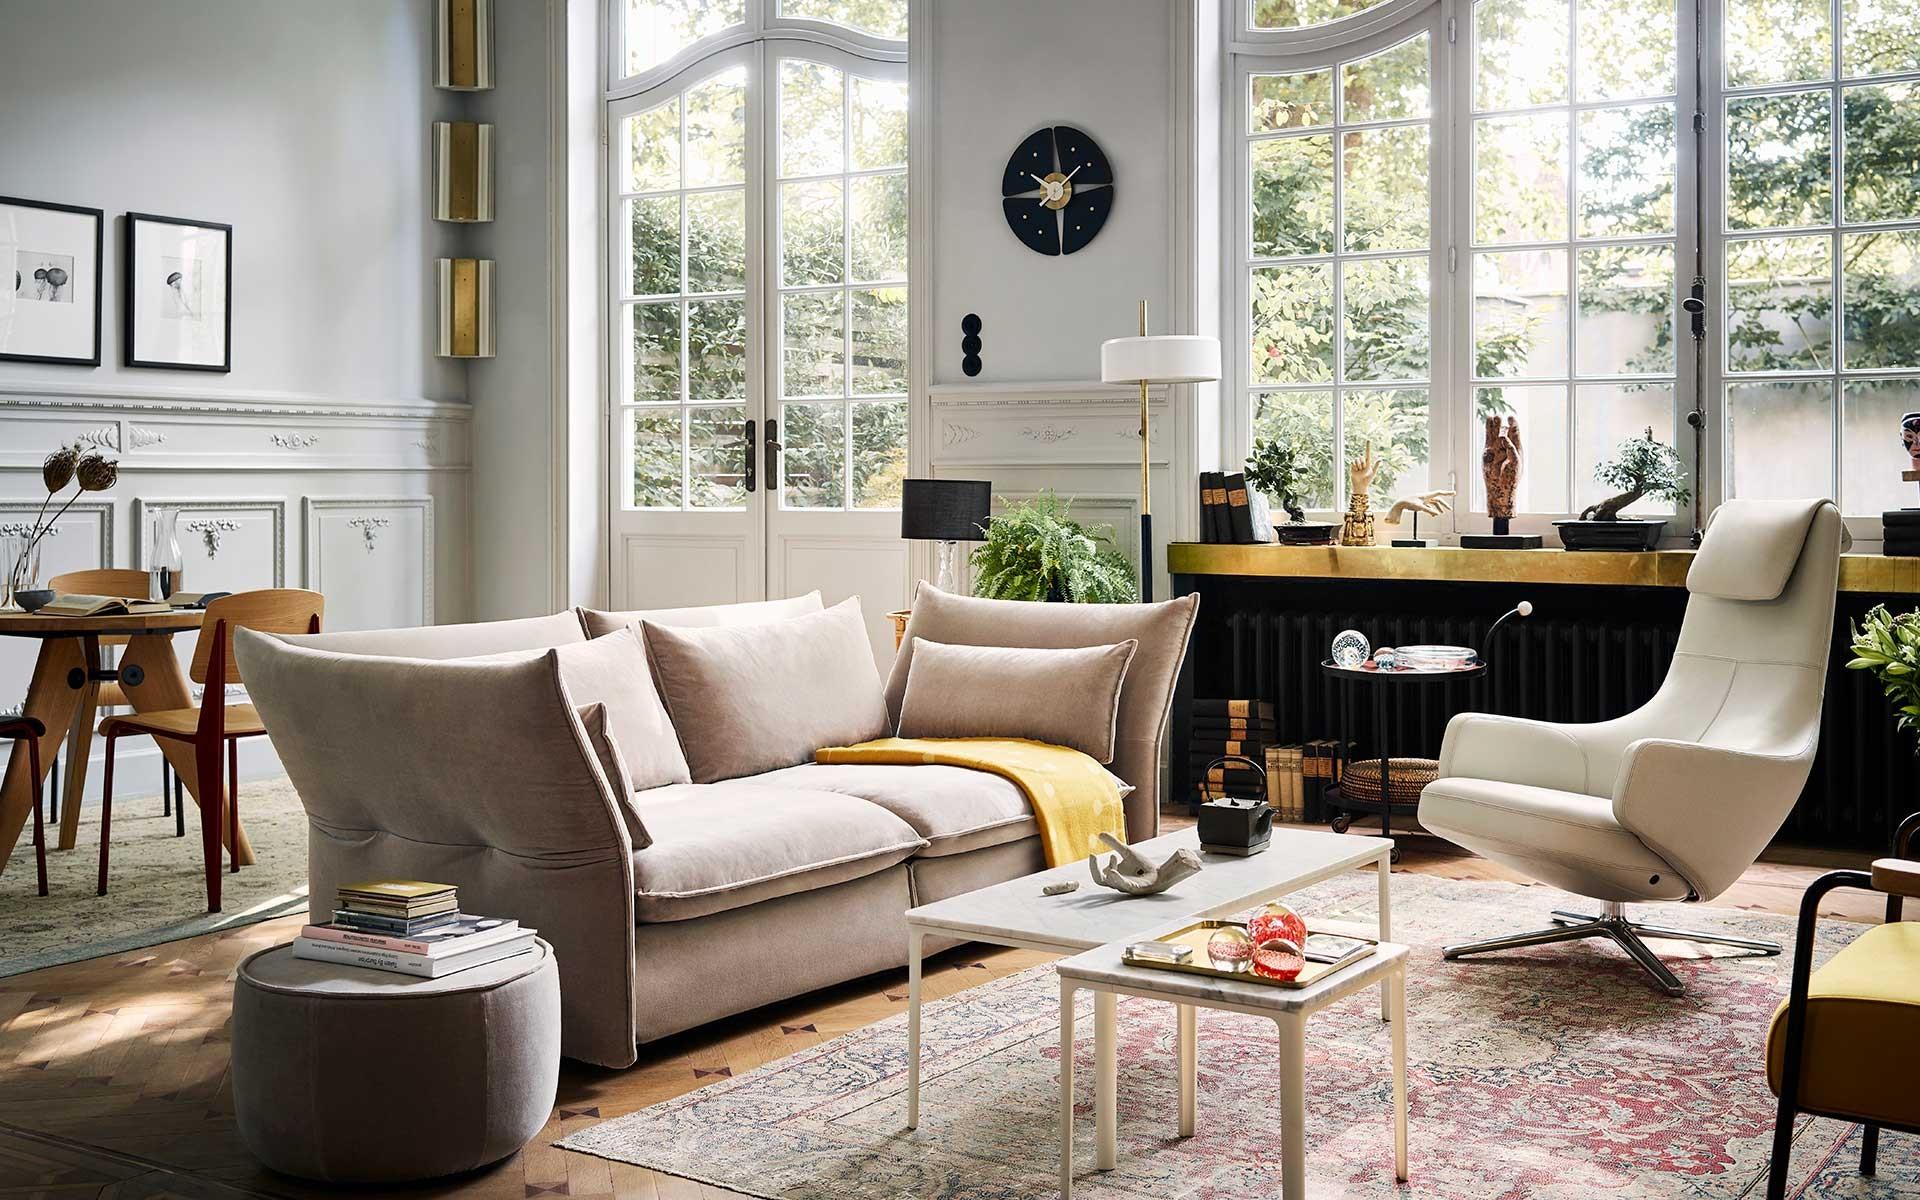 vitra sofa aktion 2018 19 steidten einrichten mit architekturintelligenz. Black Bedroom Furniture Sets. Home Design Ideas